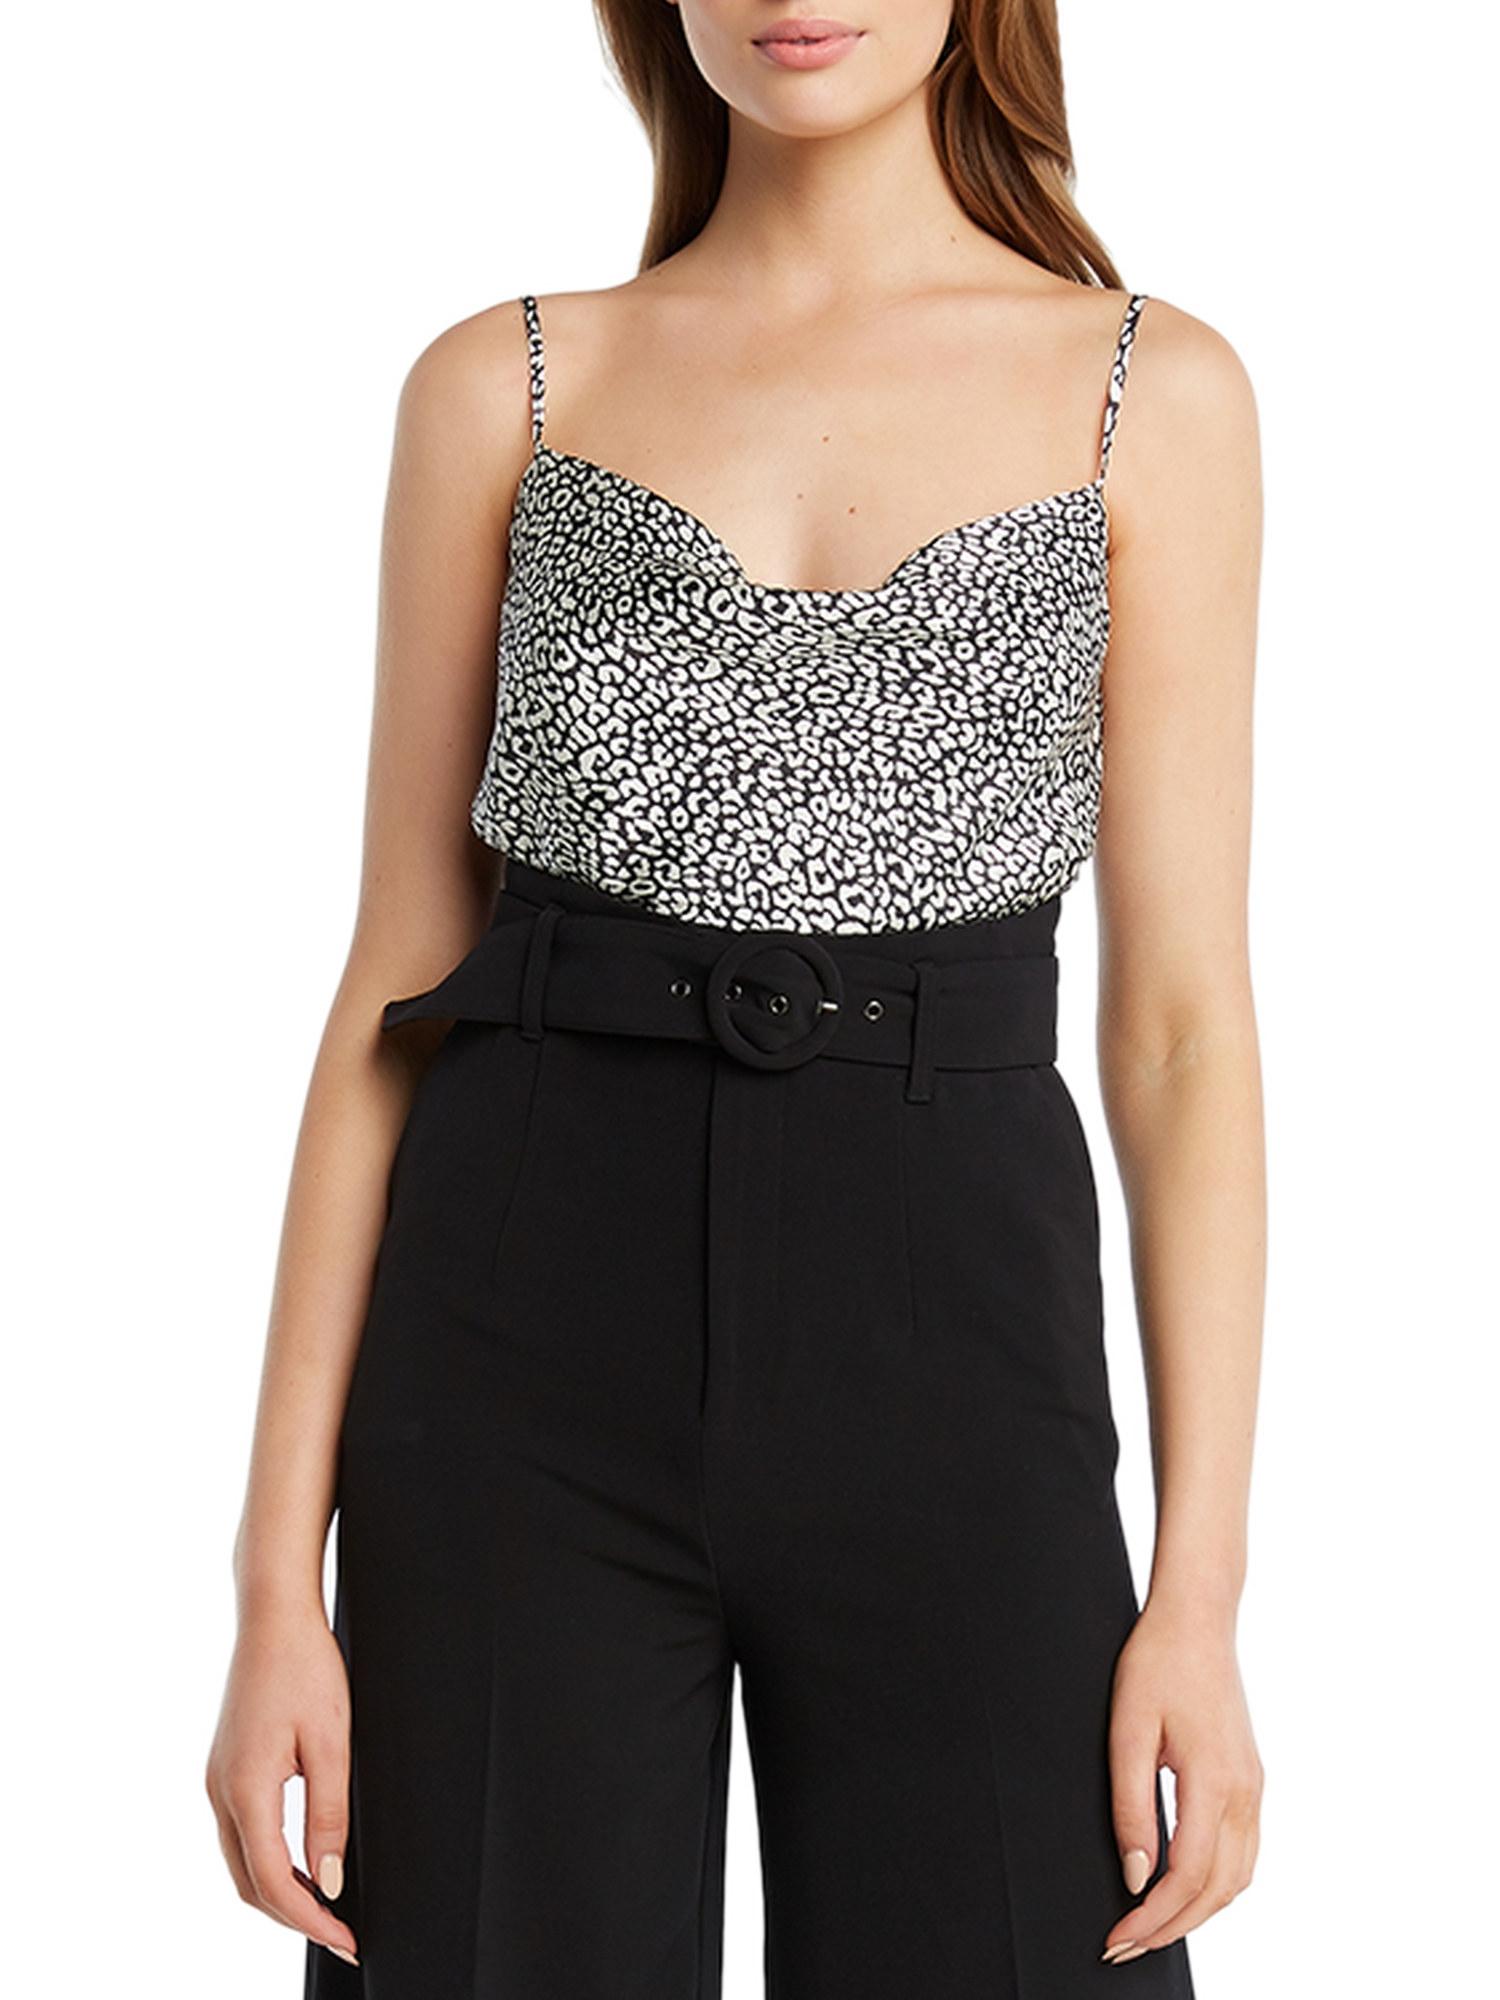 Model in cheetah print cami and black pants